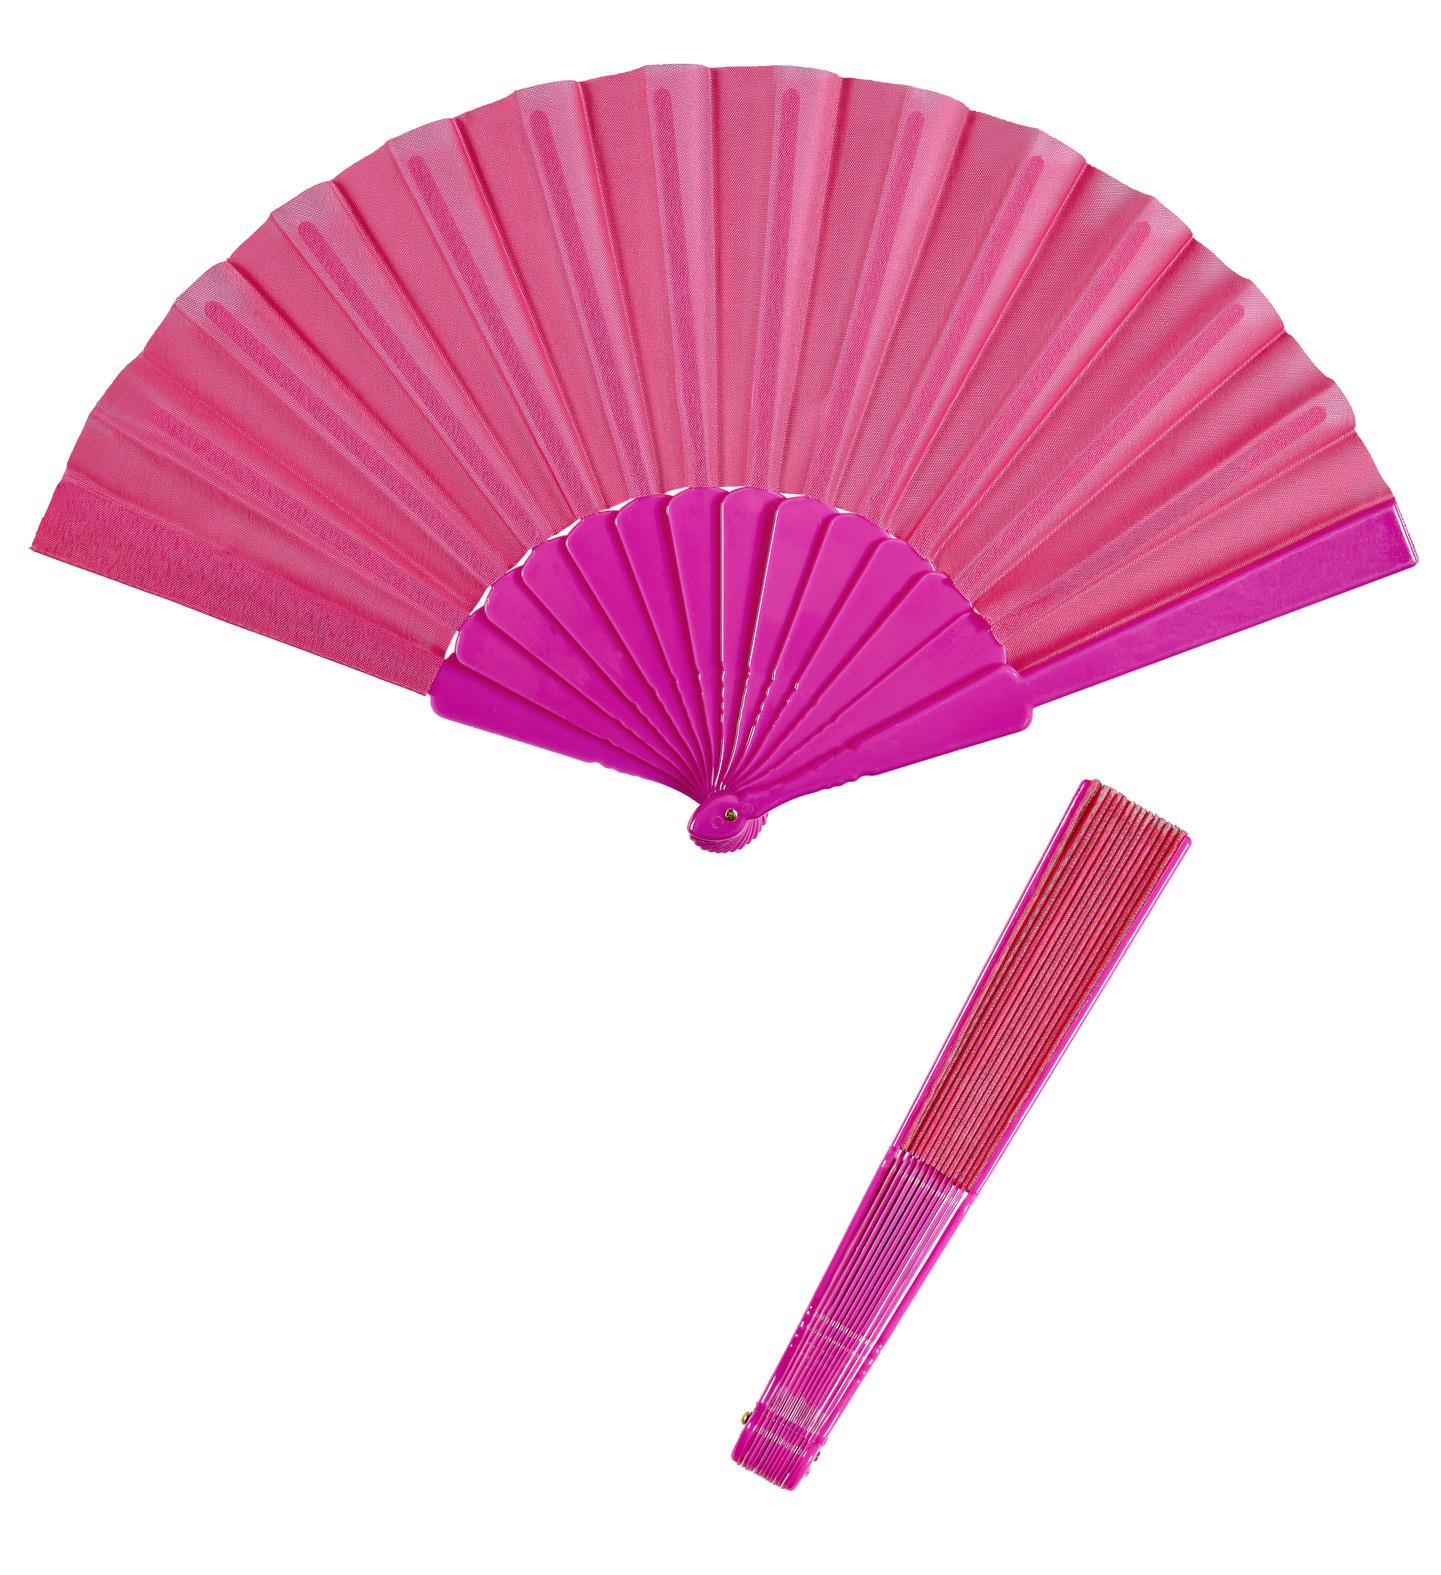 handf cher schwarz rot weiss pink klappf cher faltf cher stoff deko ebay. Black Bedroom Furniture Sets. Home Design Ideas